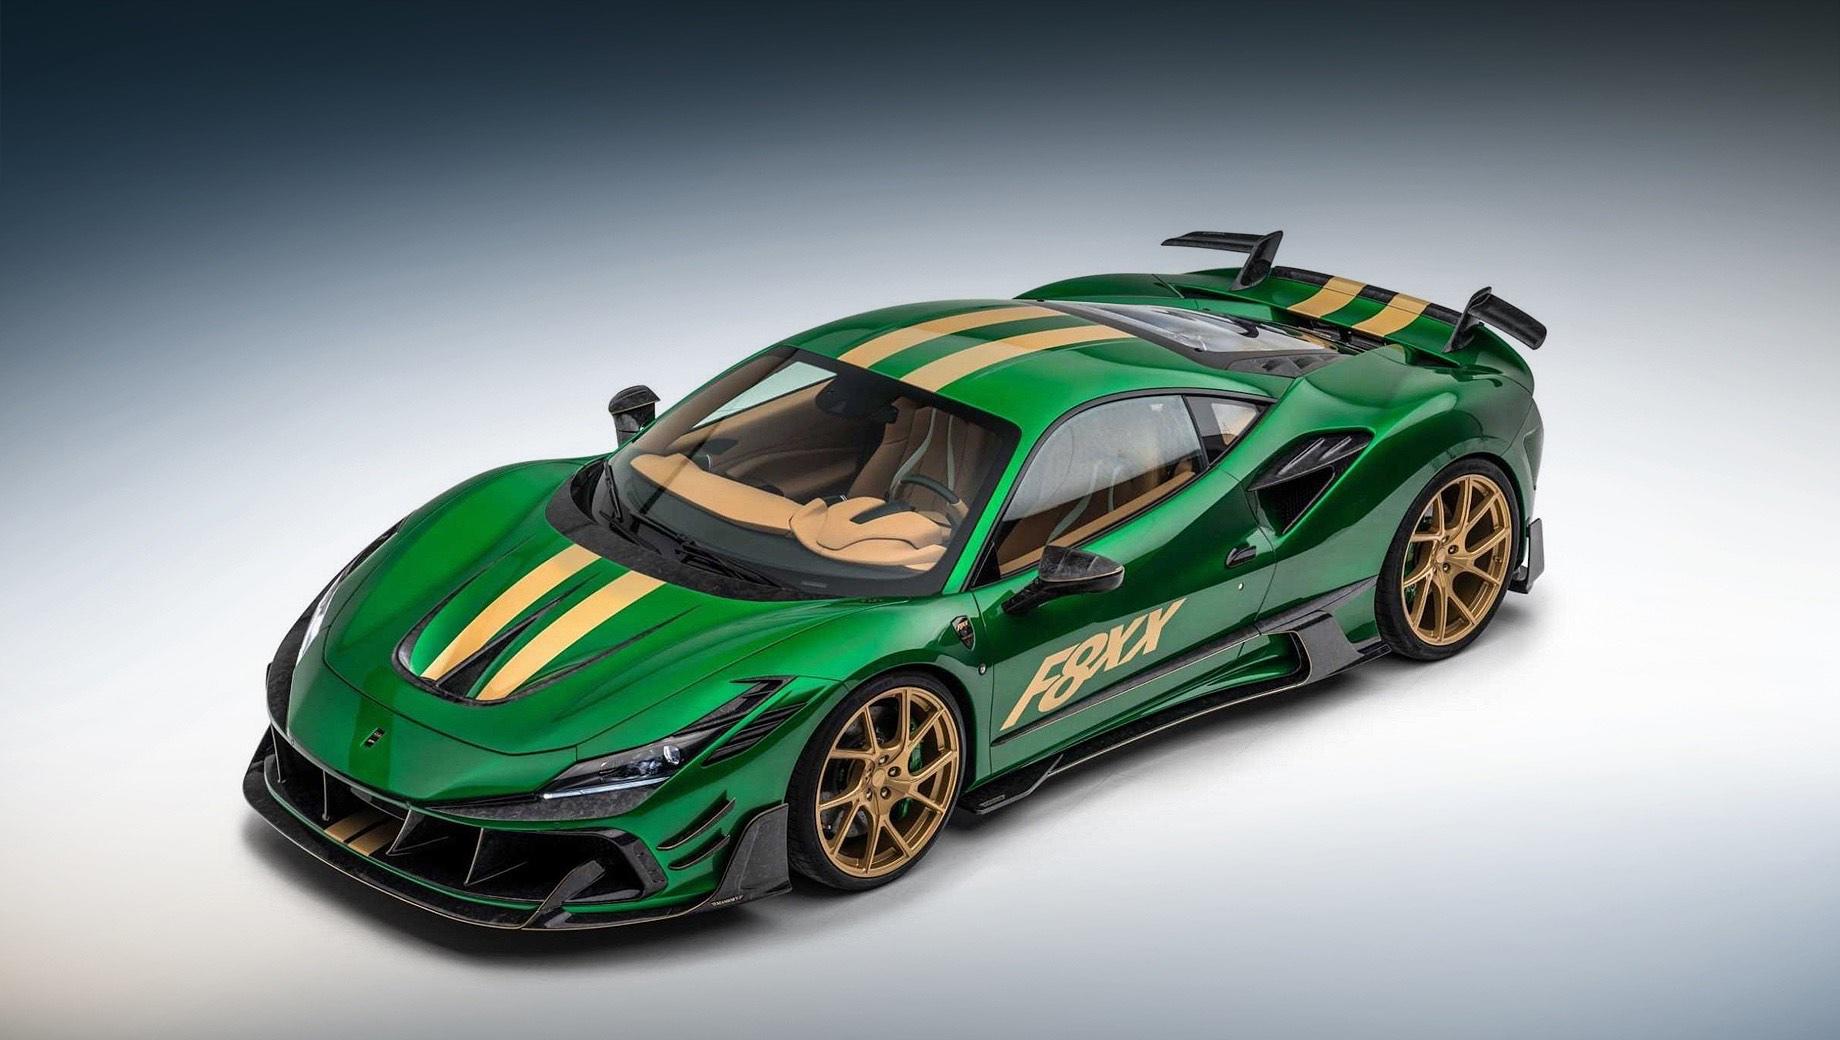 Ferrari f8 tributo. Изменения во внешности — колоссальные! От донора Mansory F8XX отличается иными бамперами, передними крыльями, крышками багажника и двигателя, порогами и корпусами боковых зеркал. Вместо аккуратного выдвигающегося спойлера — два небольших антикрыла.